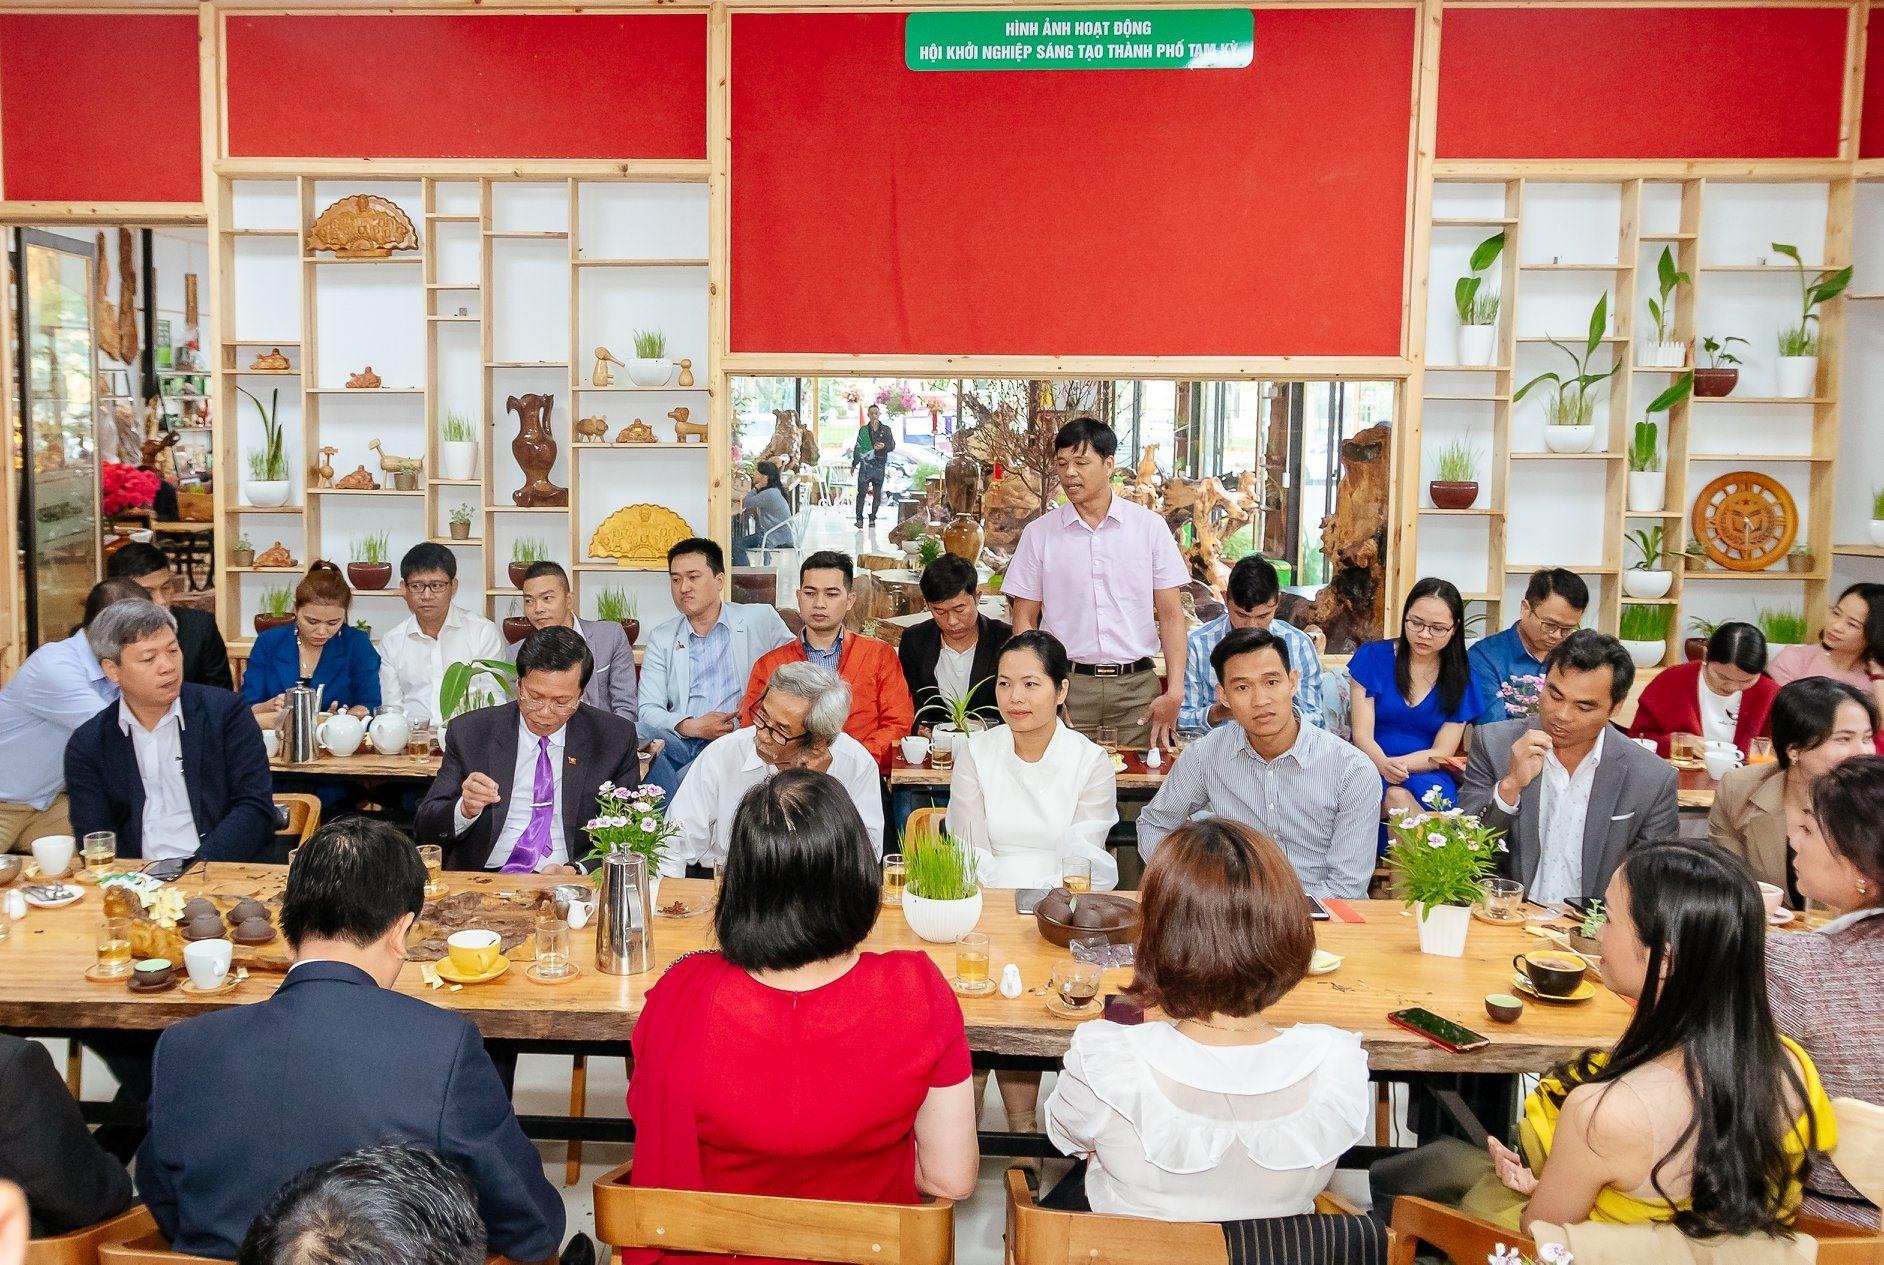 Quán cà phê KN của Công ty Hồng Phúc là nơi gặp gỡ của những người có ý tưởng KN. Ảnh: H.T